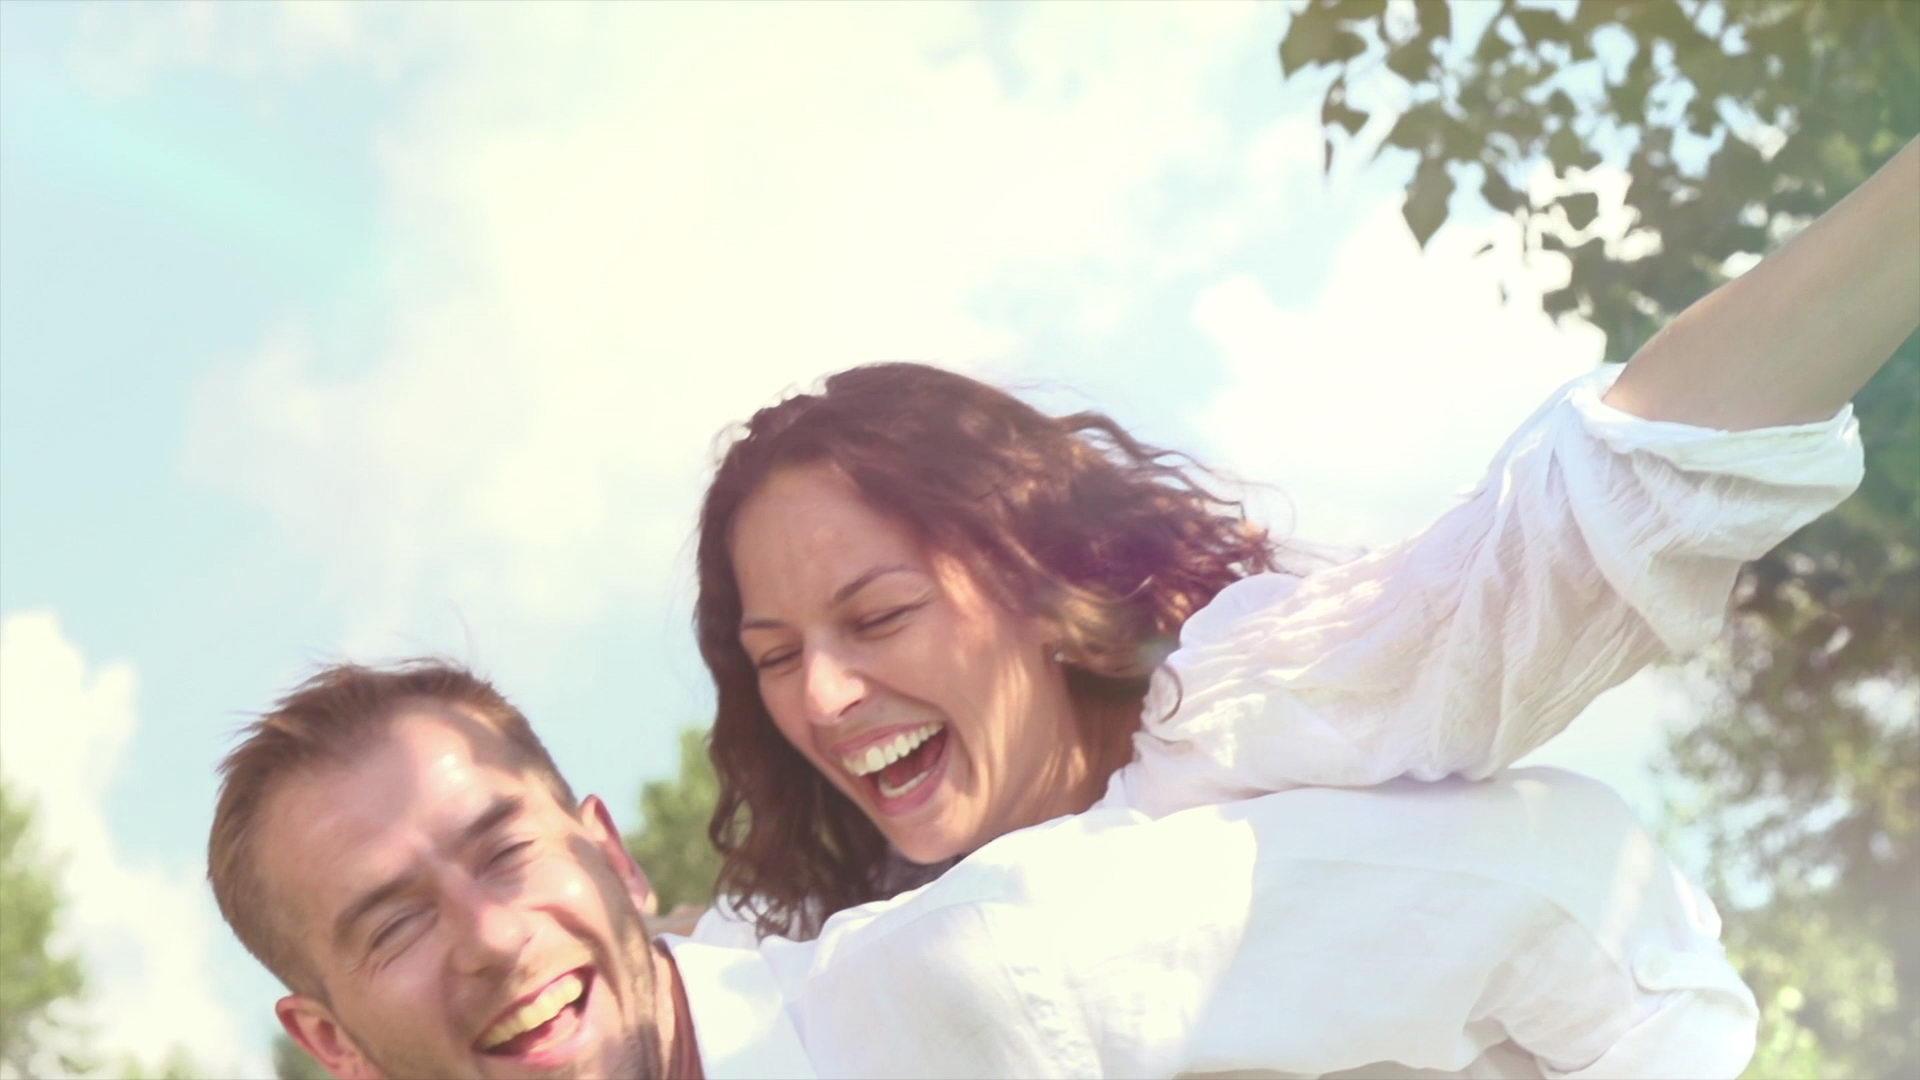 爱情,幸福,欢乐,男女